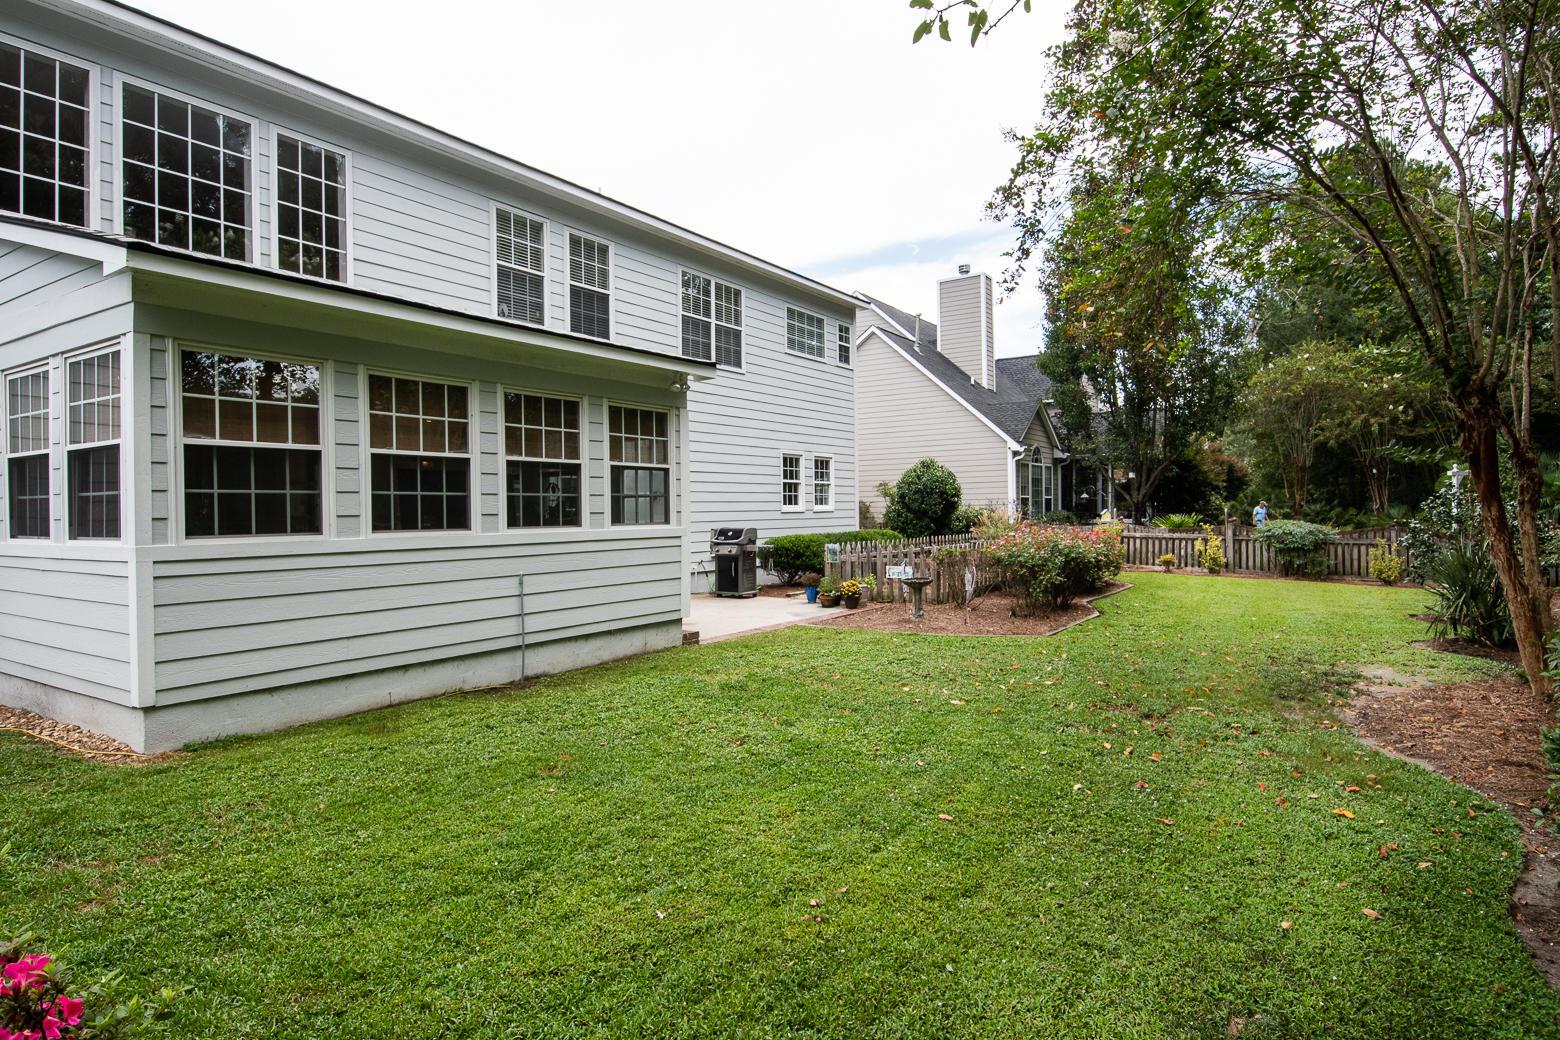 Dunes West Homes For Sale - 1111 Black Rush, Mount Pleasant, SC - 54